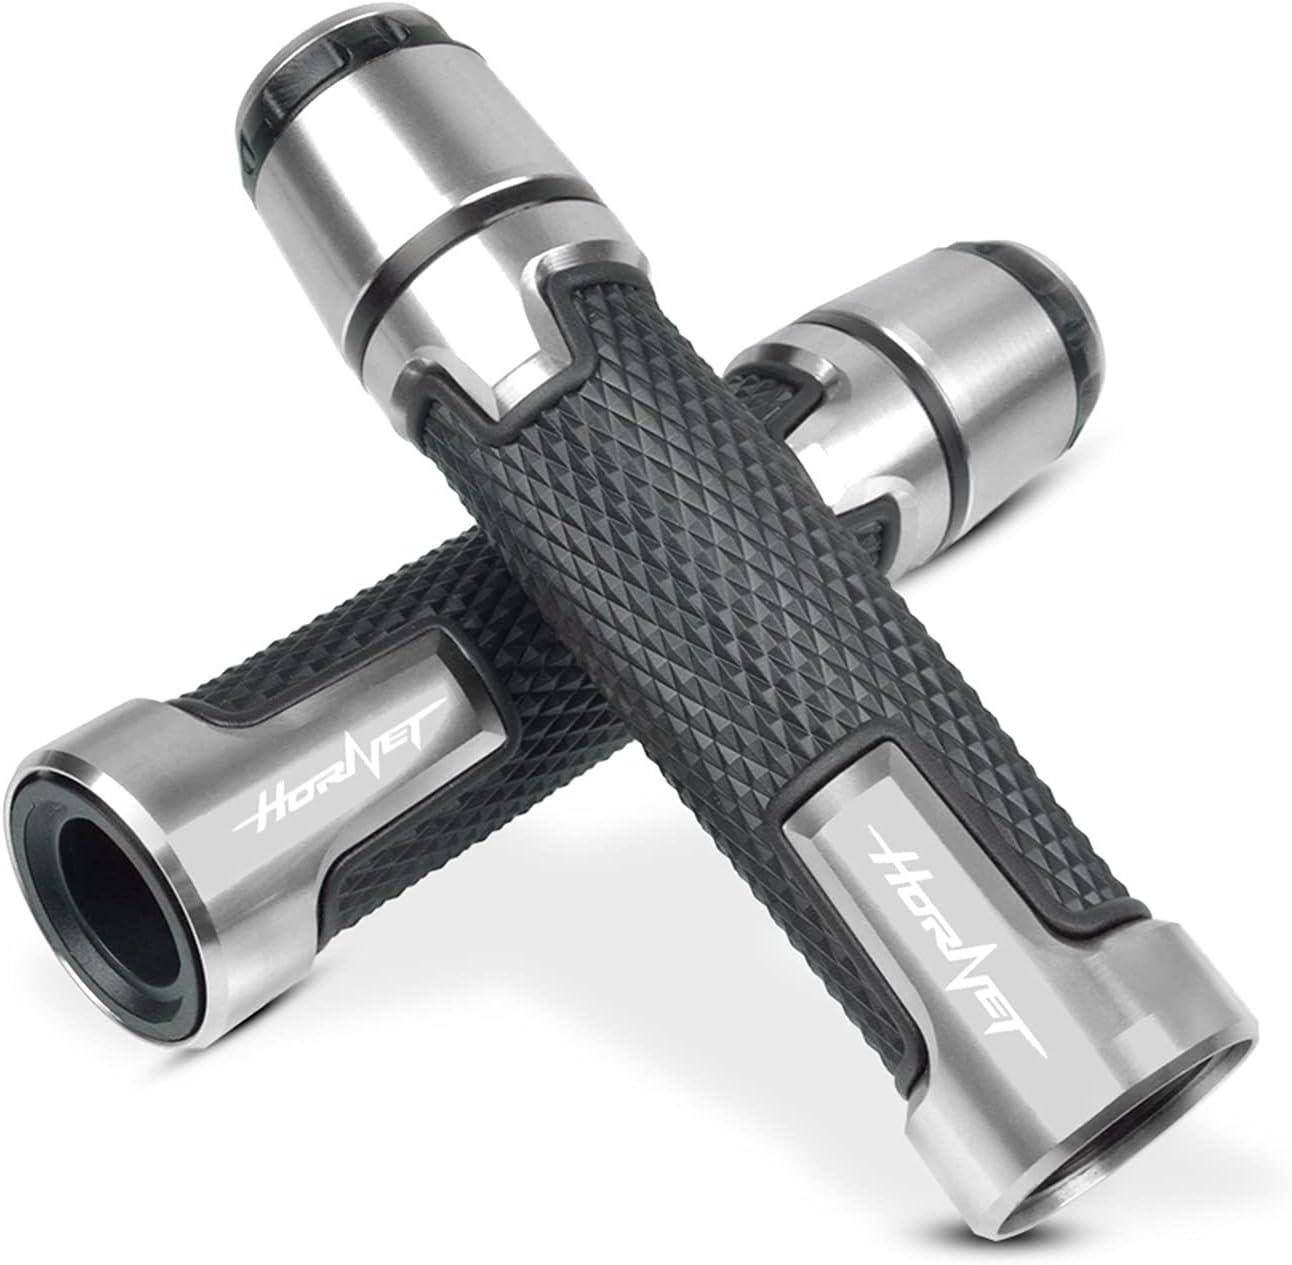 Manillares para KYMCO para K-XCT para KXCT 125/300/400 para K-XCT125 para K-XCT300 para K-XCT300 para K-XCT40 Botones De Motocicleta Antideslizante Manija Scooter Grips 7/8 Bar 22mm Hand Bar